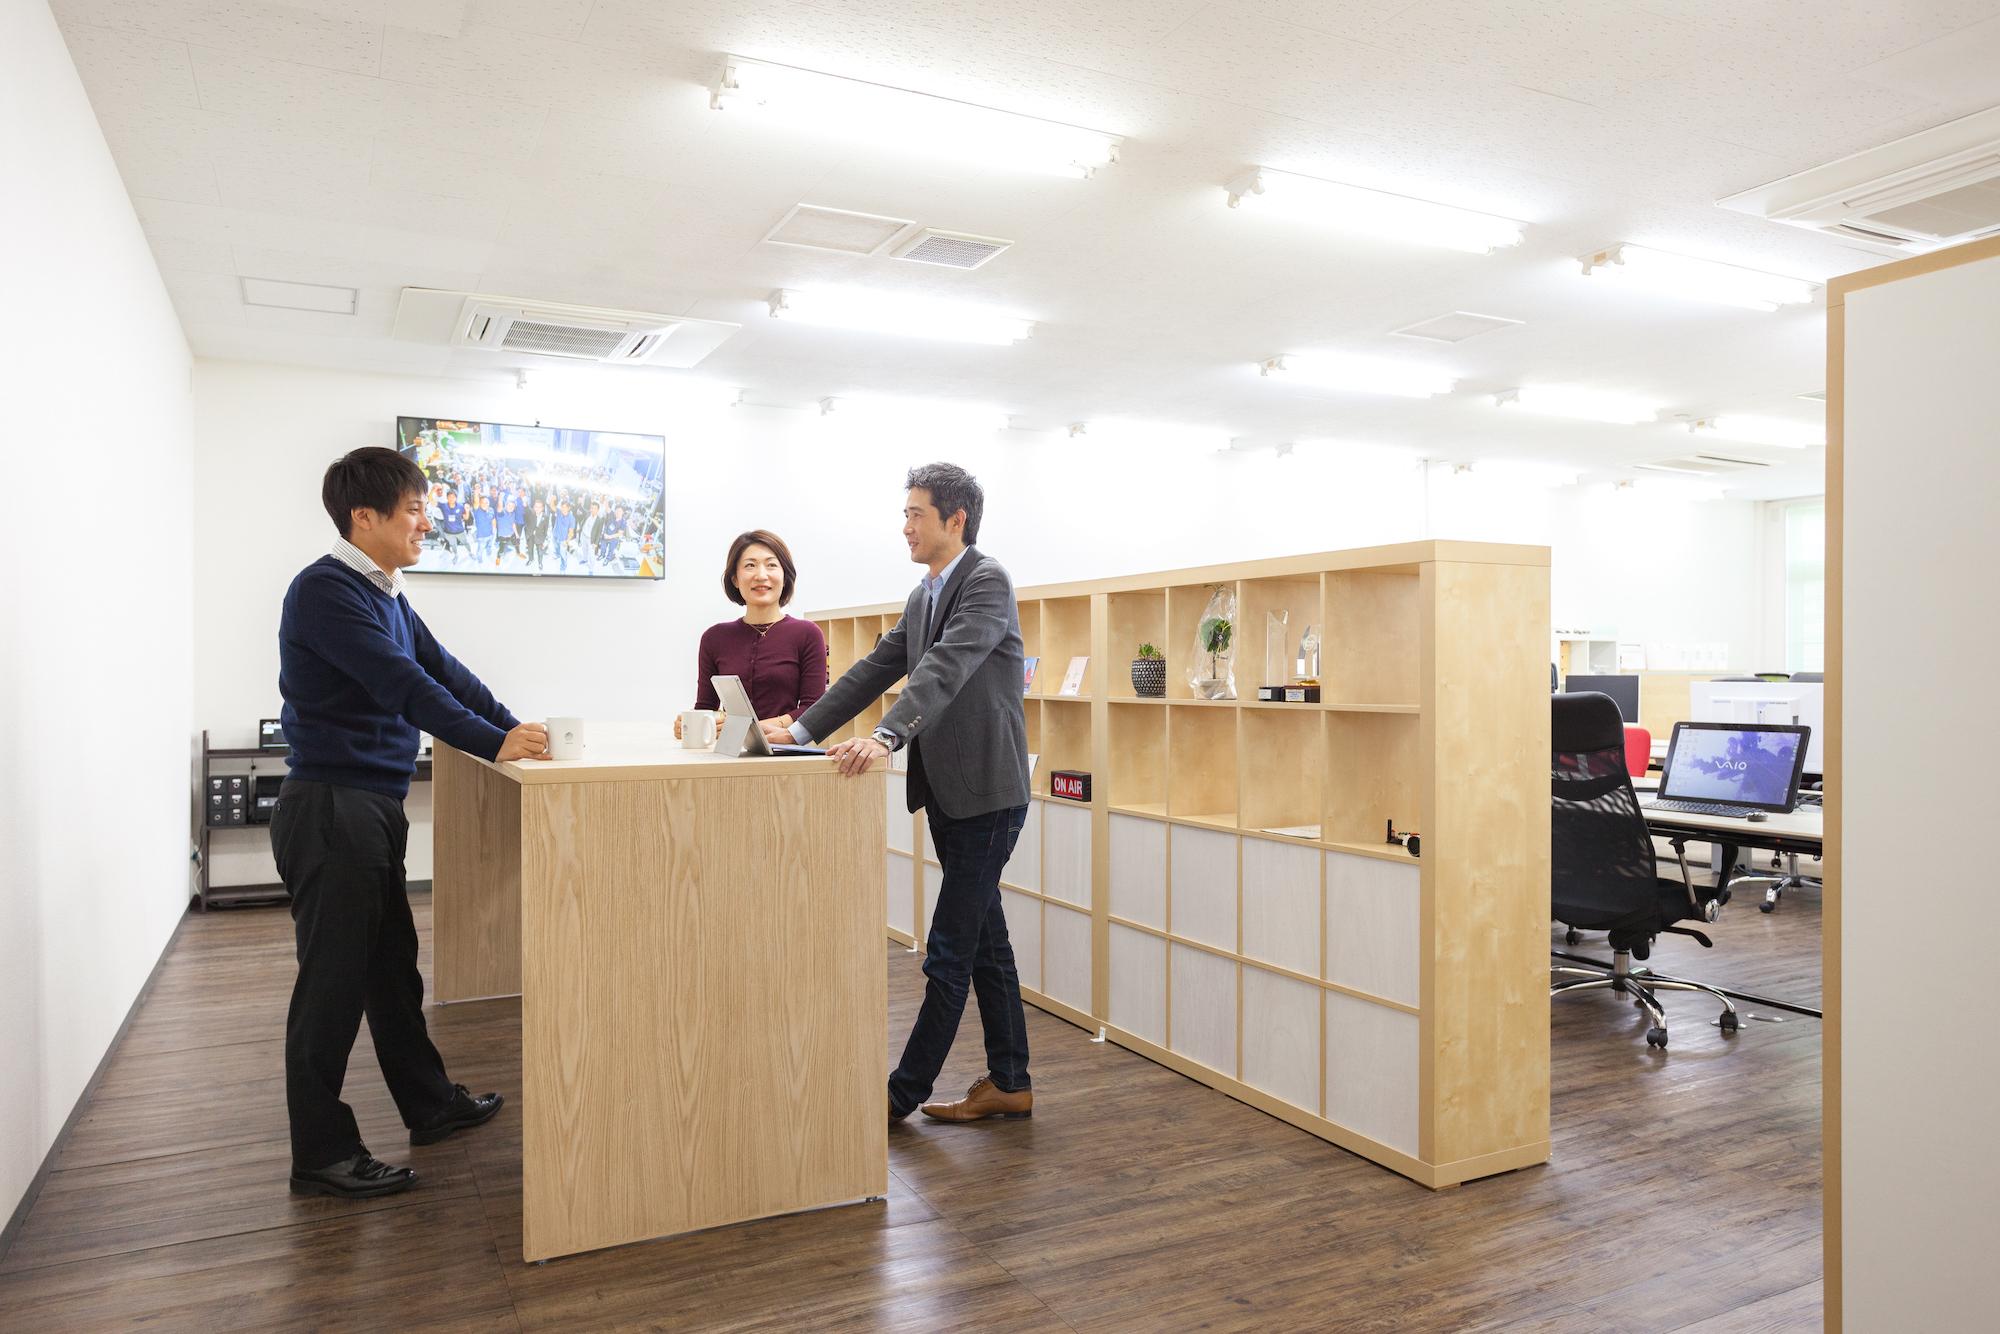 【オフィスデザイン事例紹介】株式会社NOKIOO様 働き方改革とコミュニケーションがリンクするオフィス